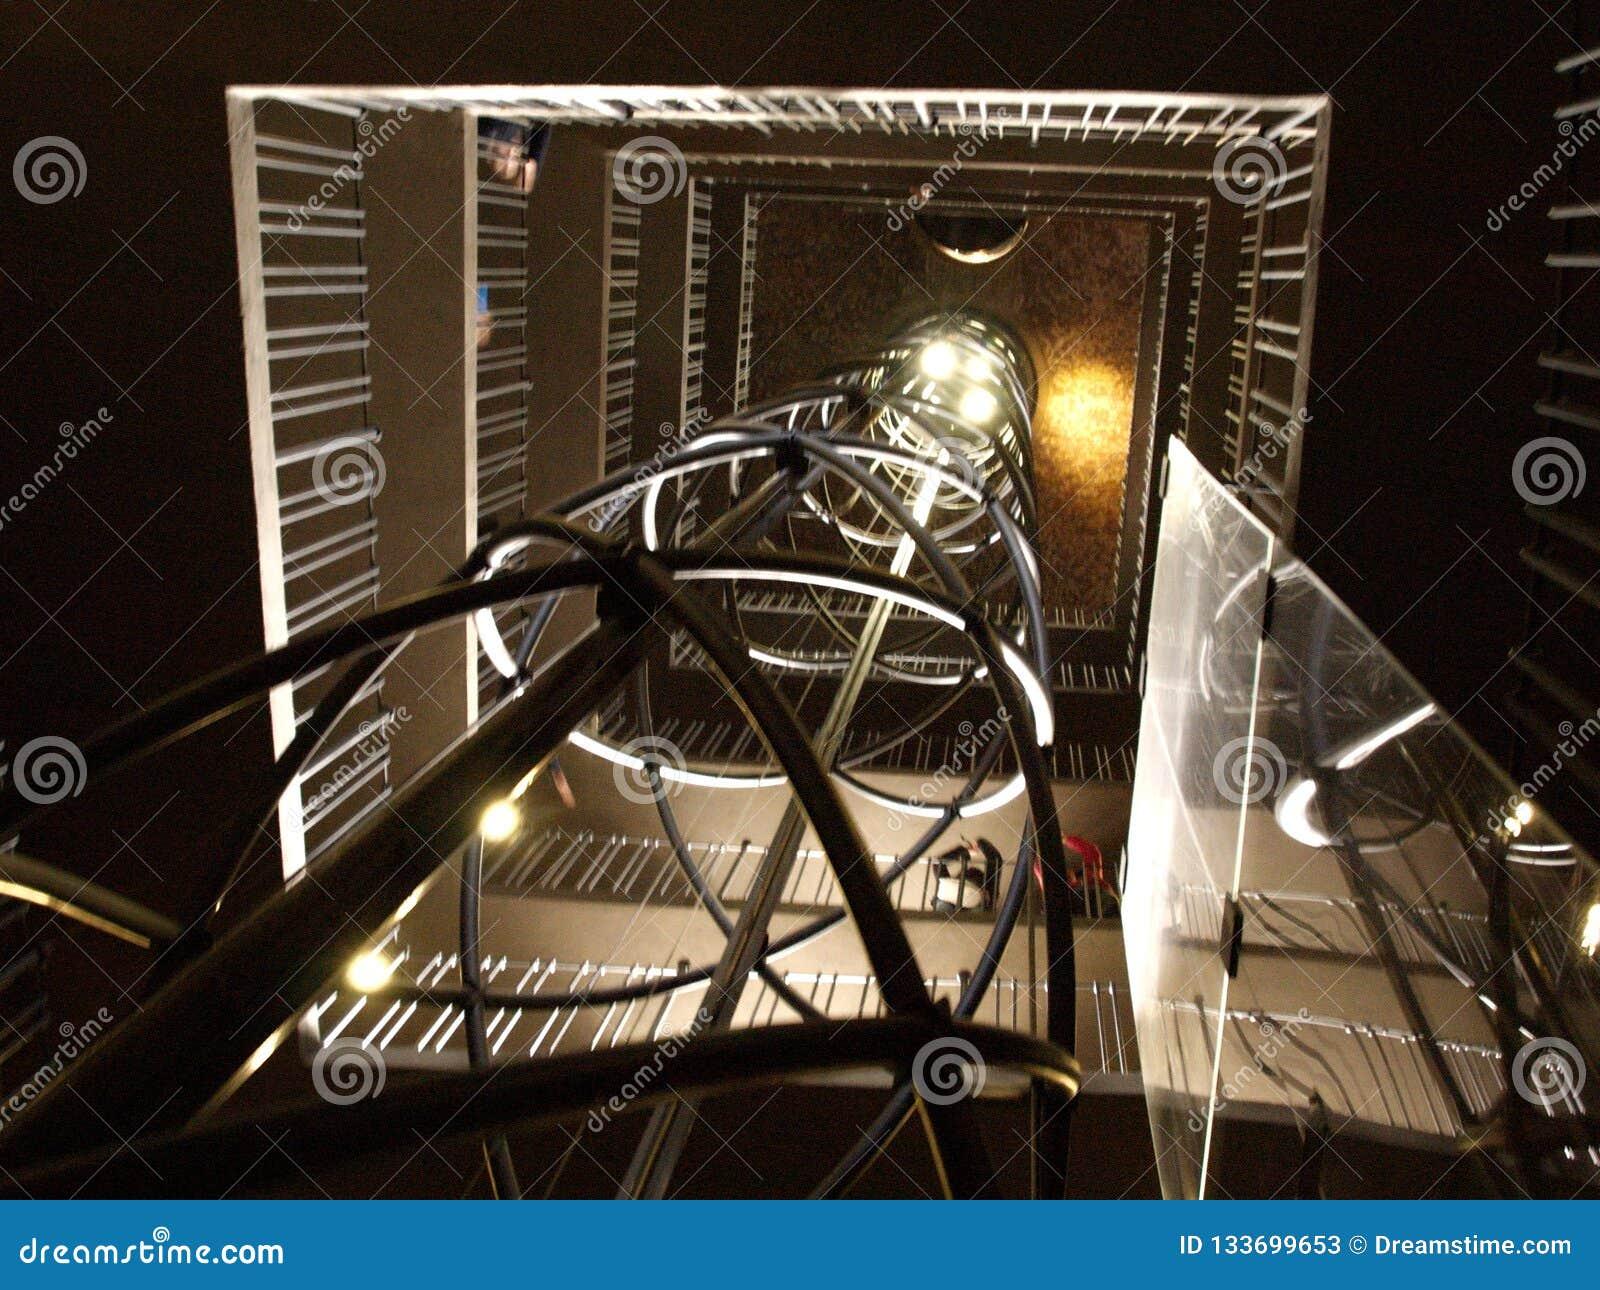 Eje de elevador para salir la ciudad vieja Hall Tower